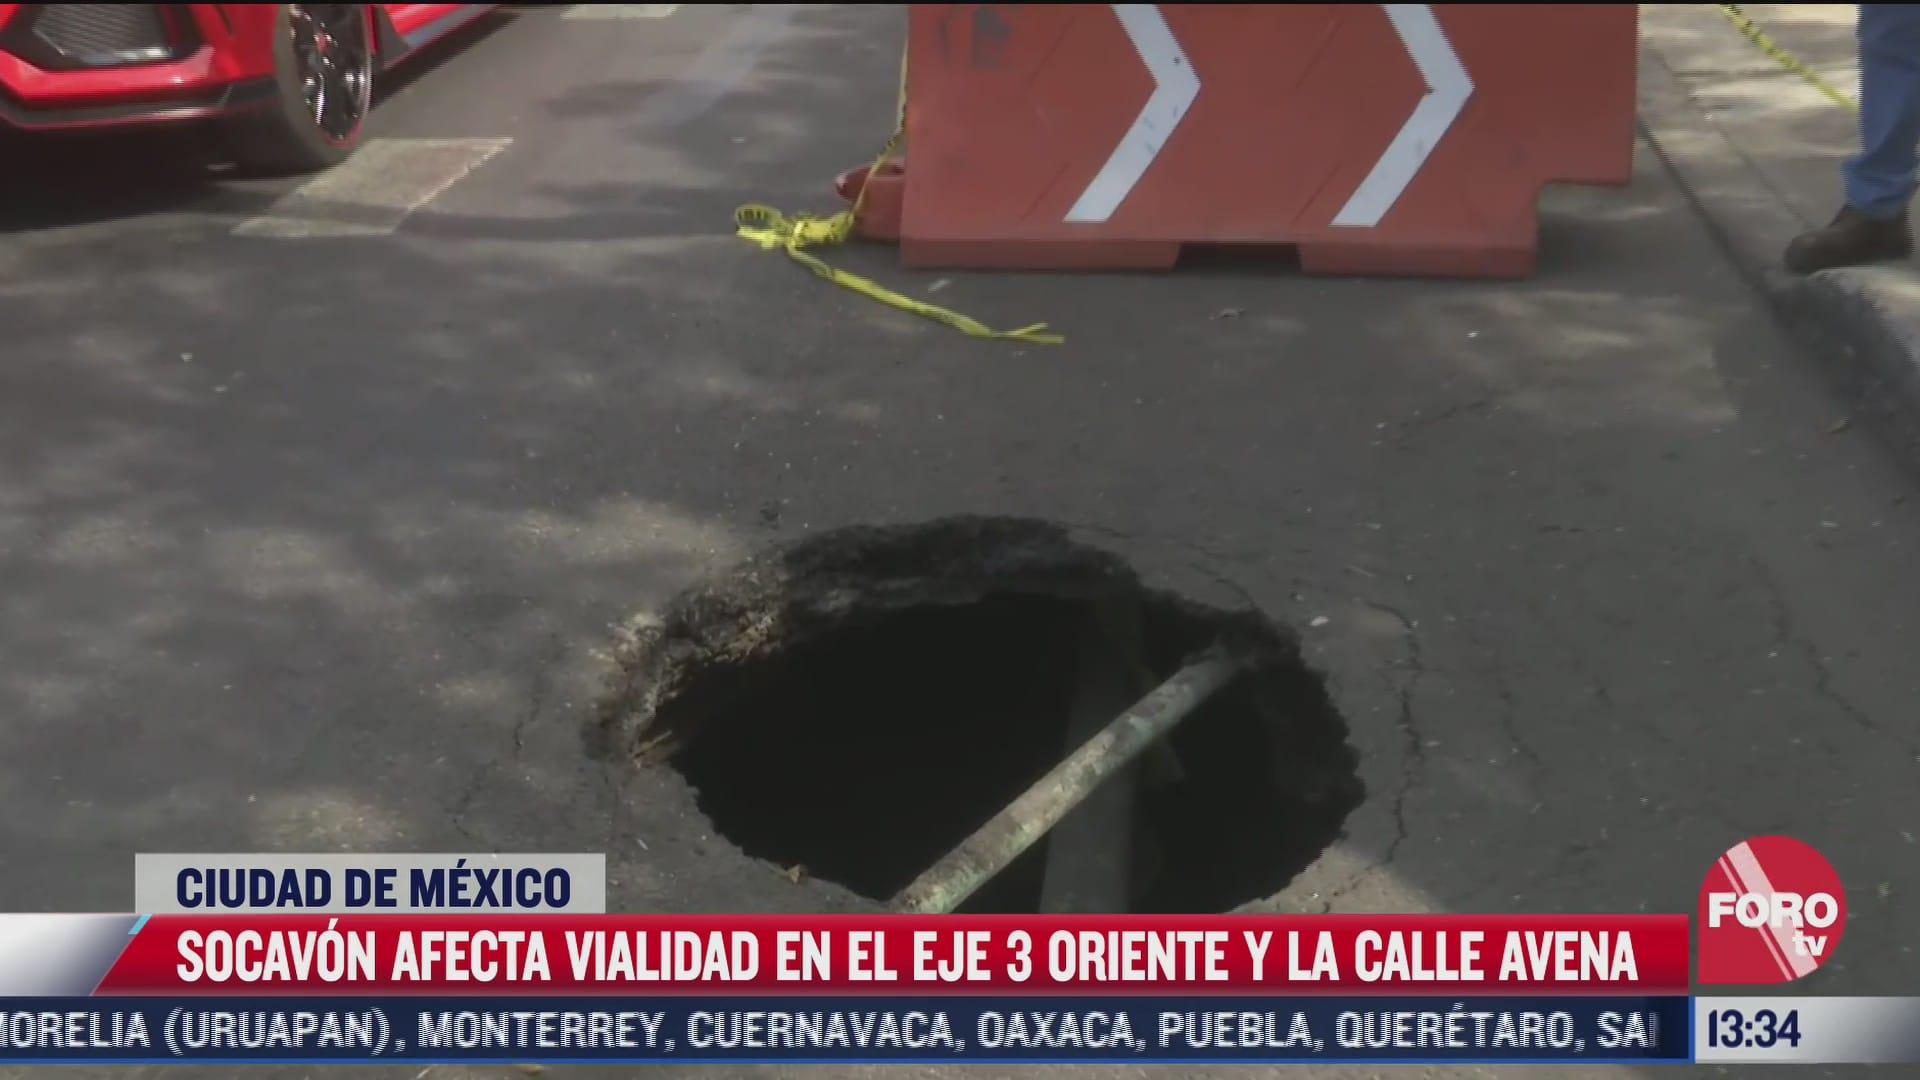 socavon afecta eje 3 oriente de la ciudad de mexico